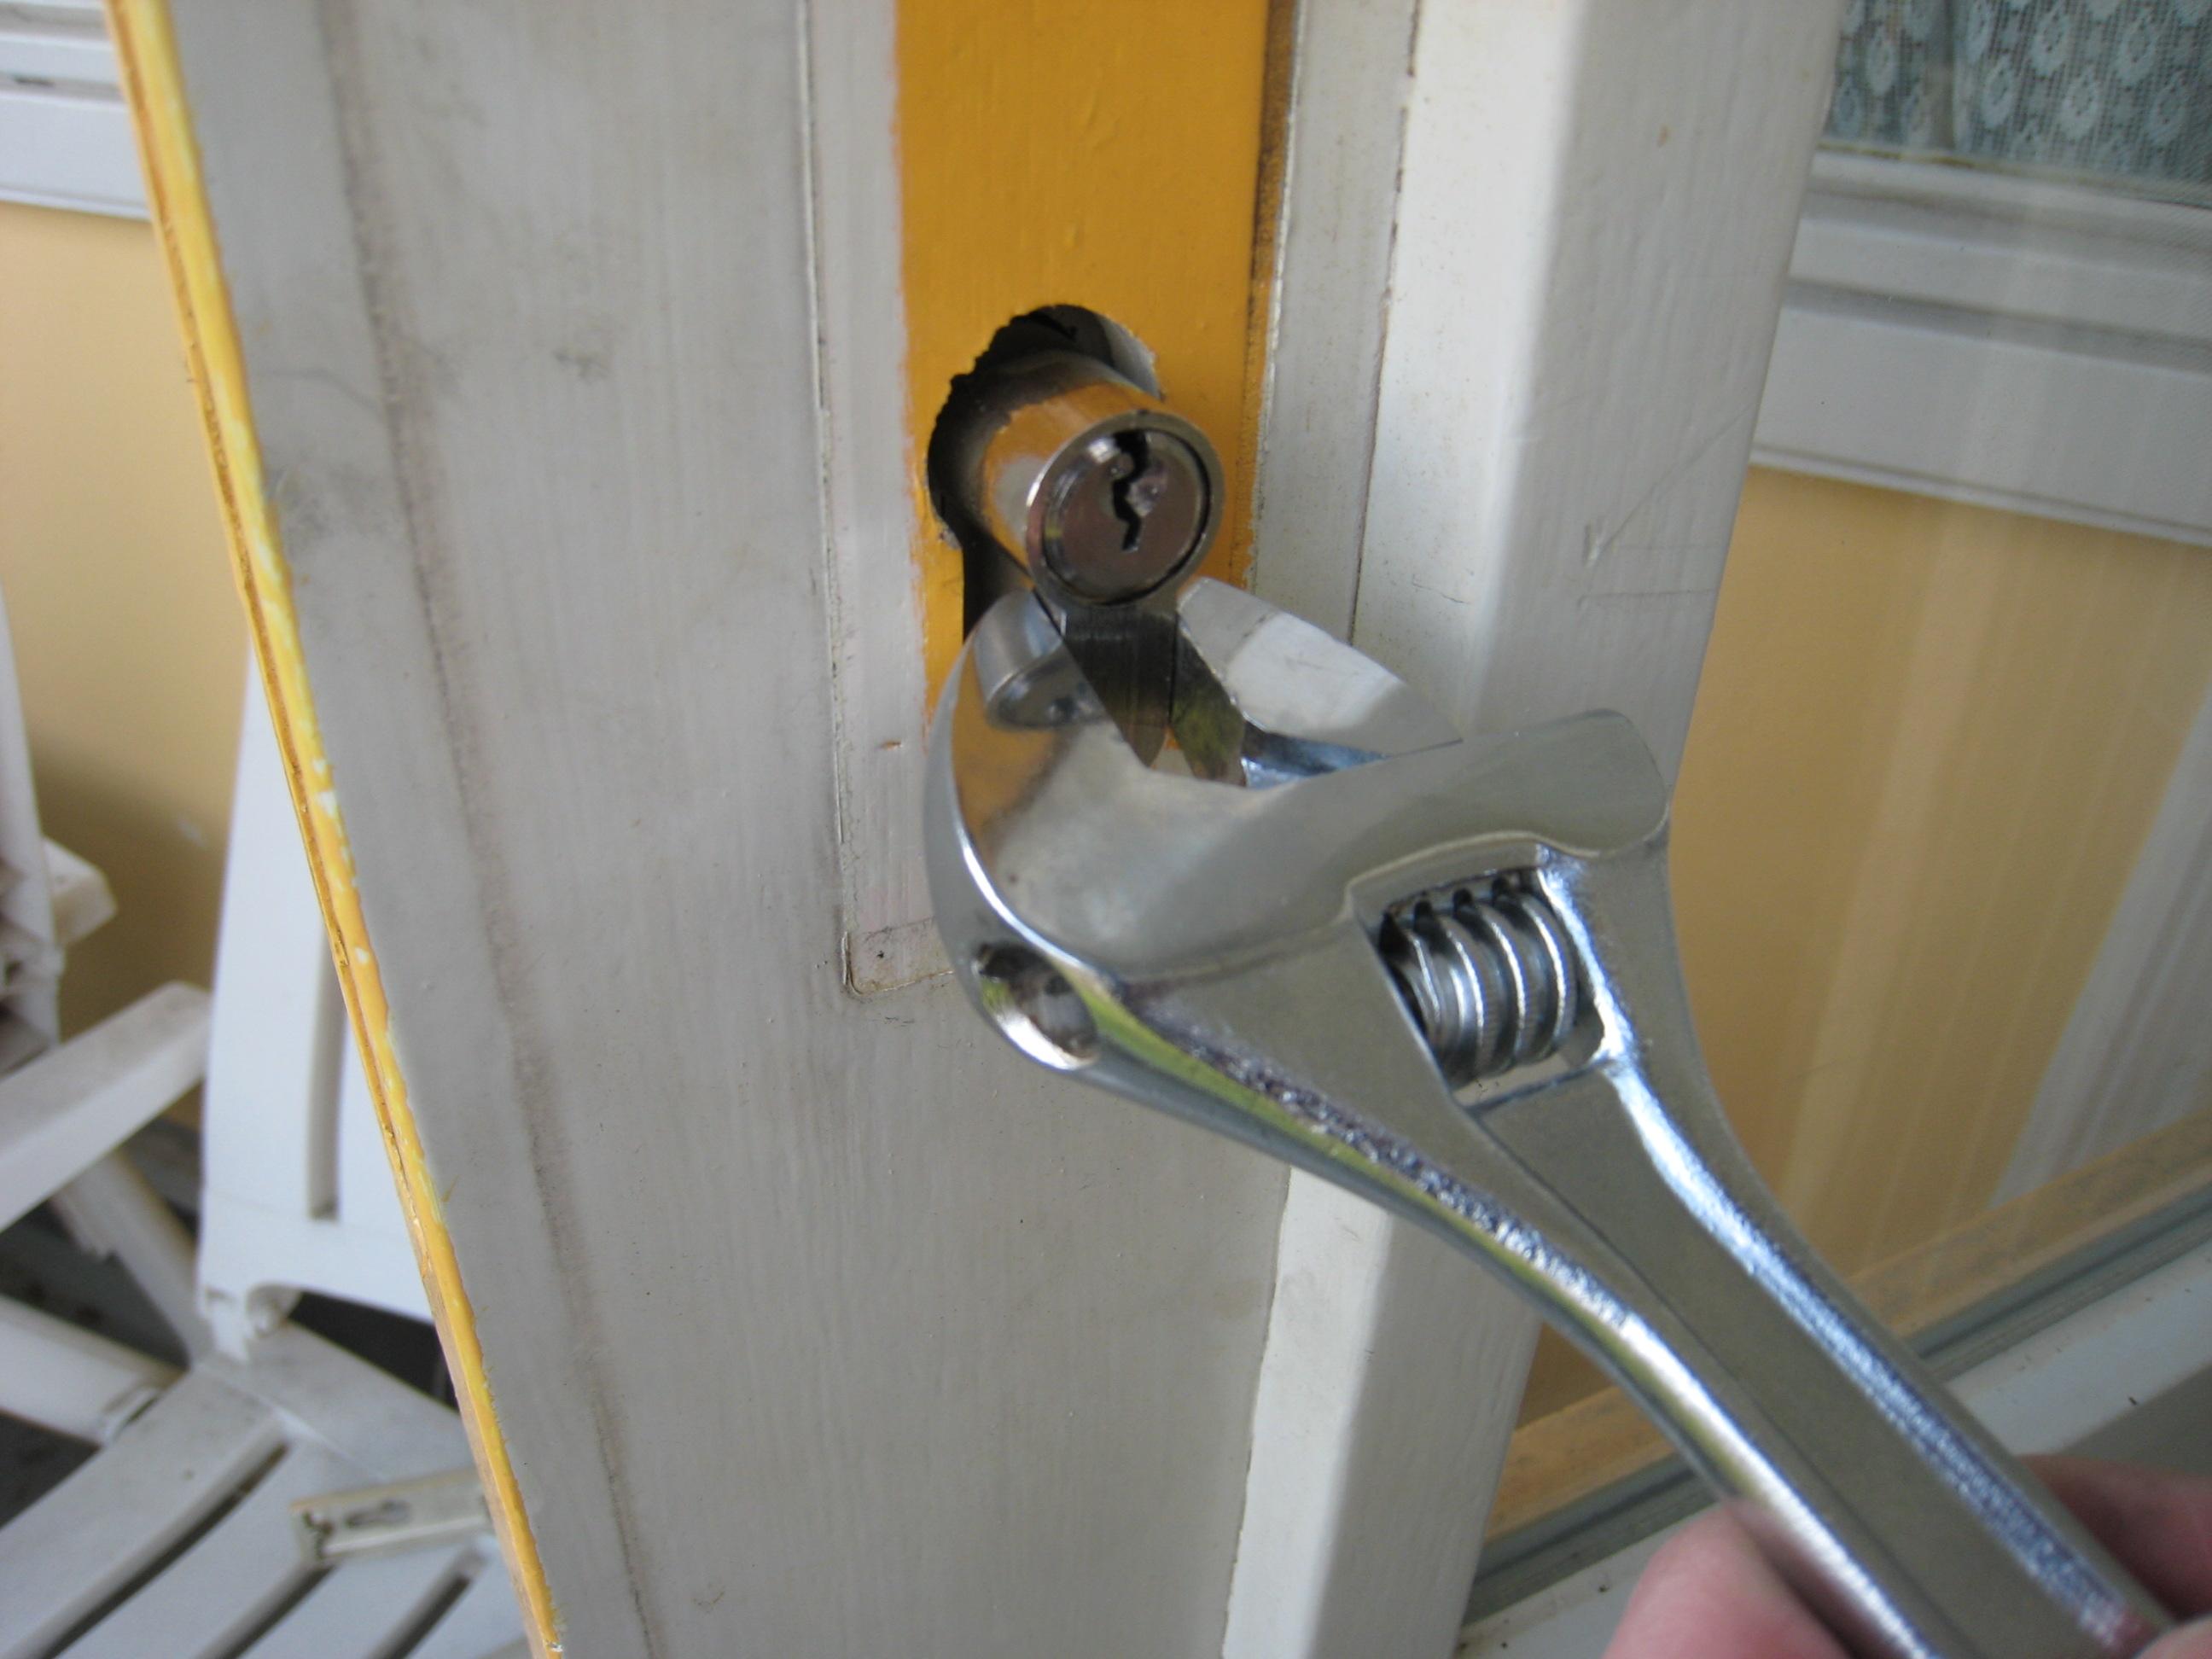 Sleutel draait door in slot